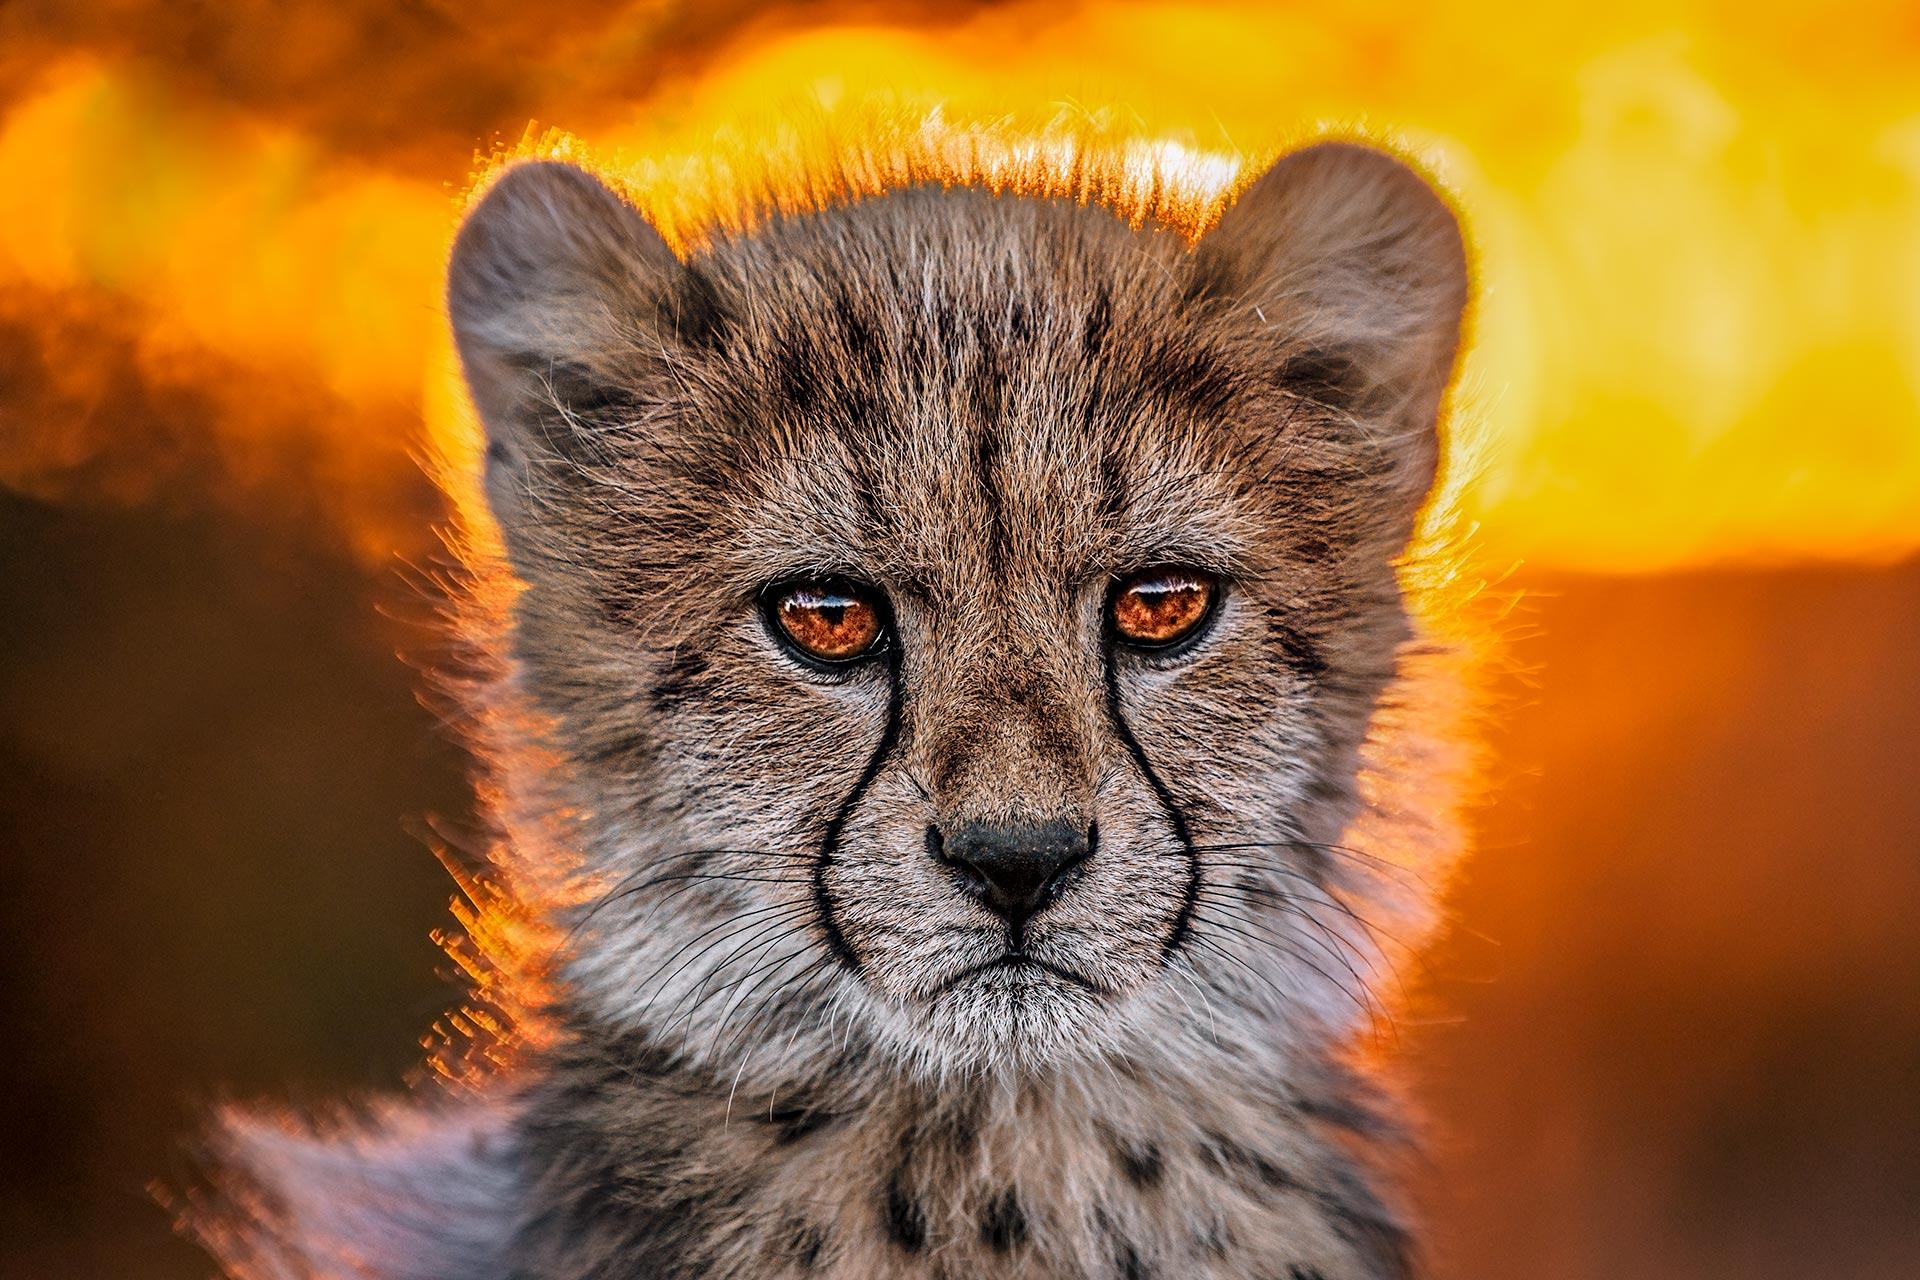 Junger Gepard im Gegenlicht - fotografiert auf einer Fotoreise in Südafrika mit Benny Rebel Fotosafaris GmbH